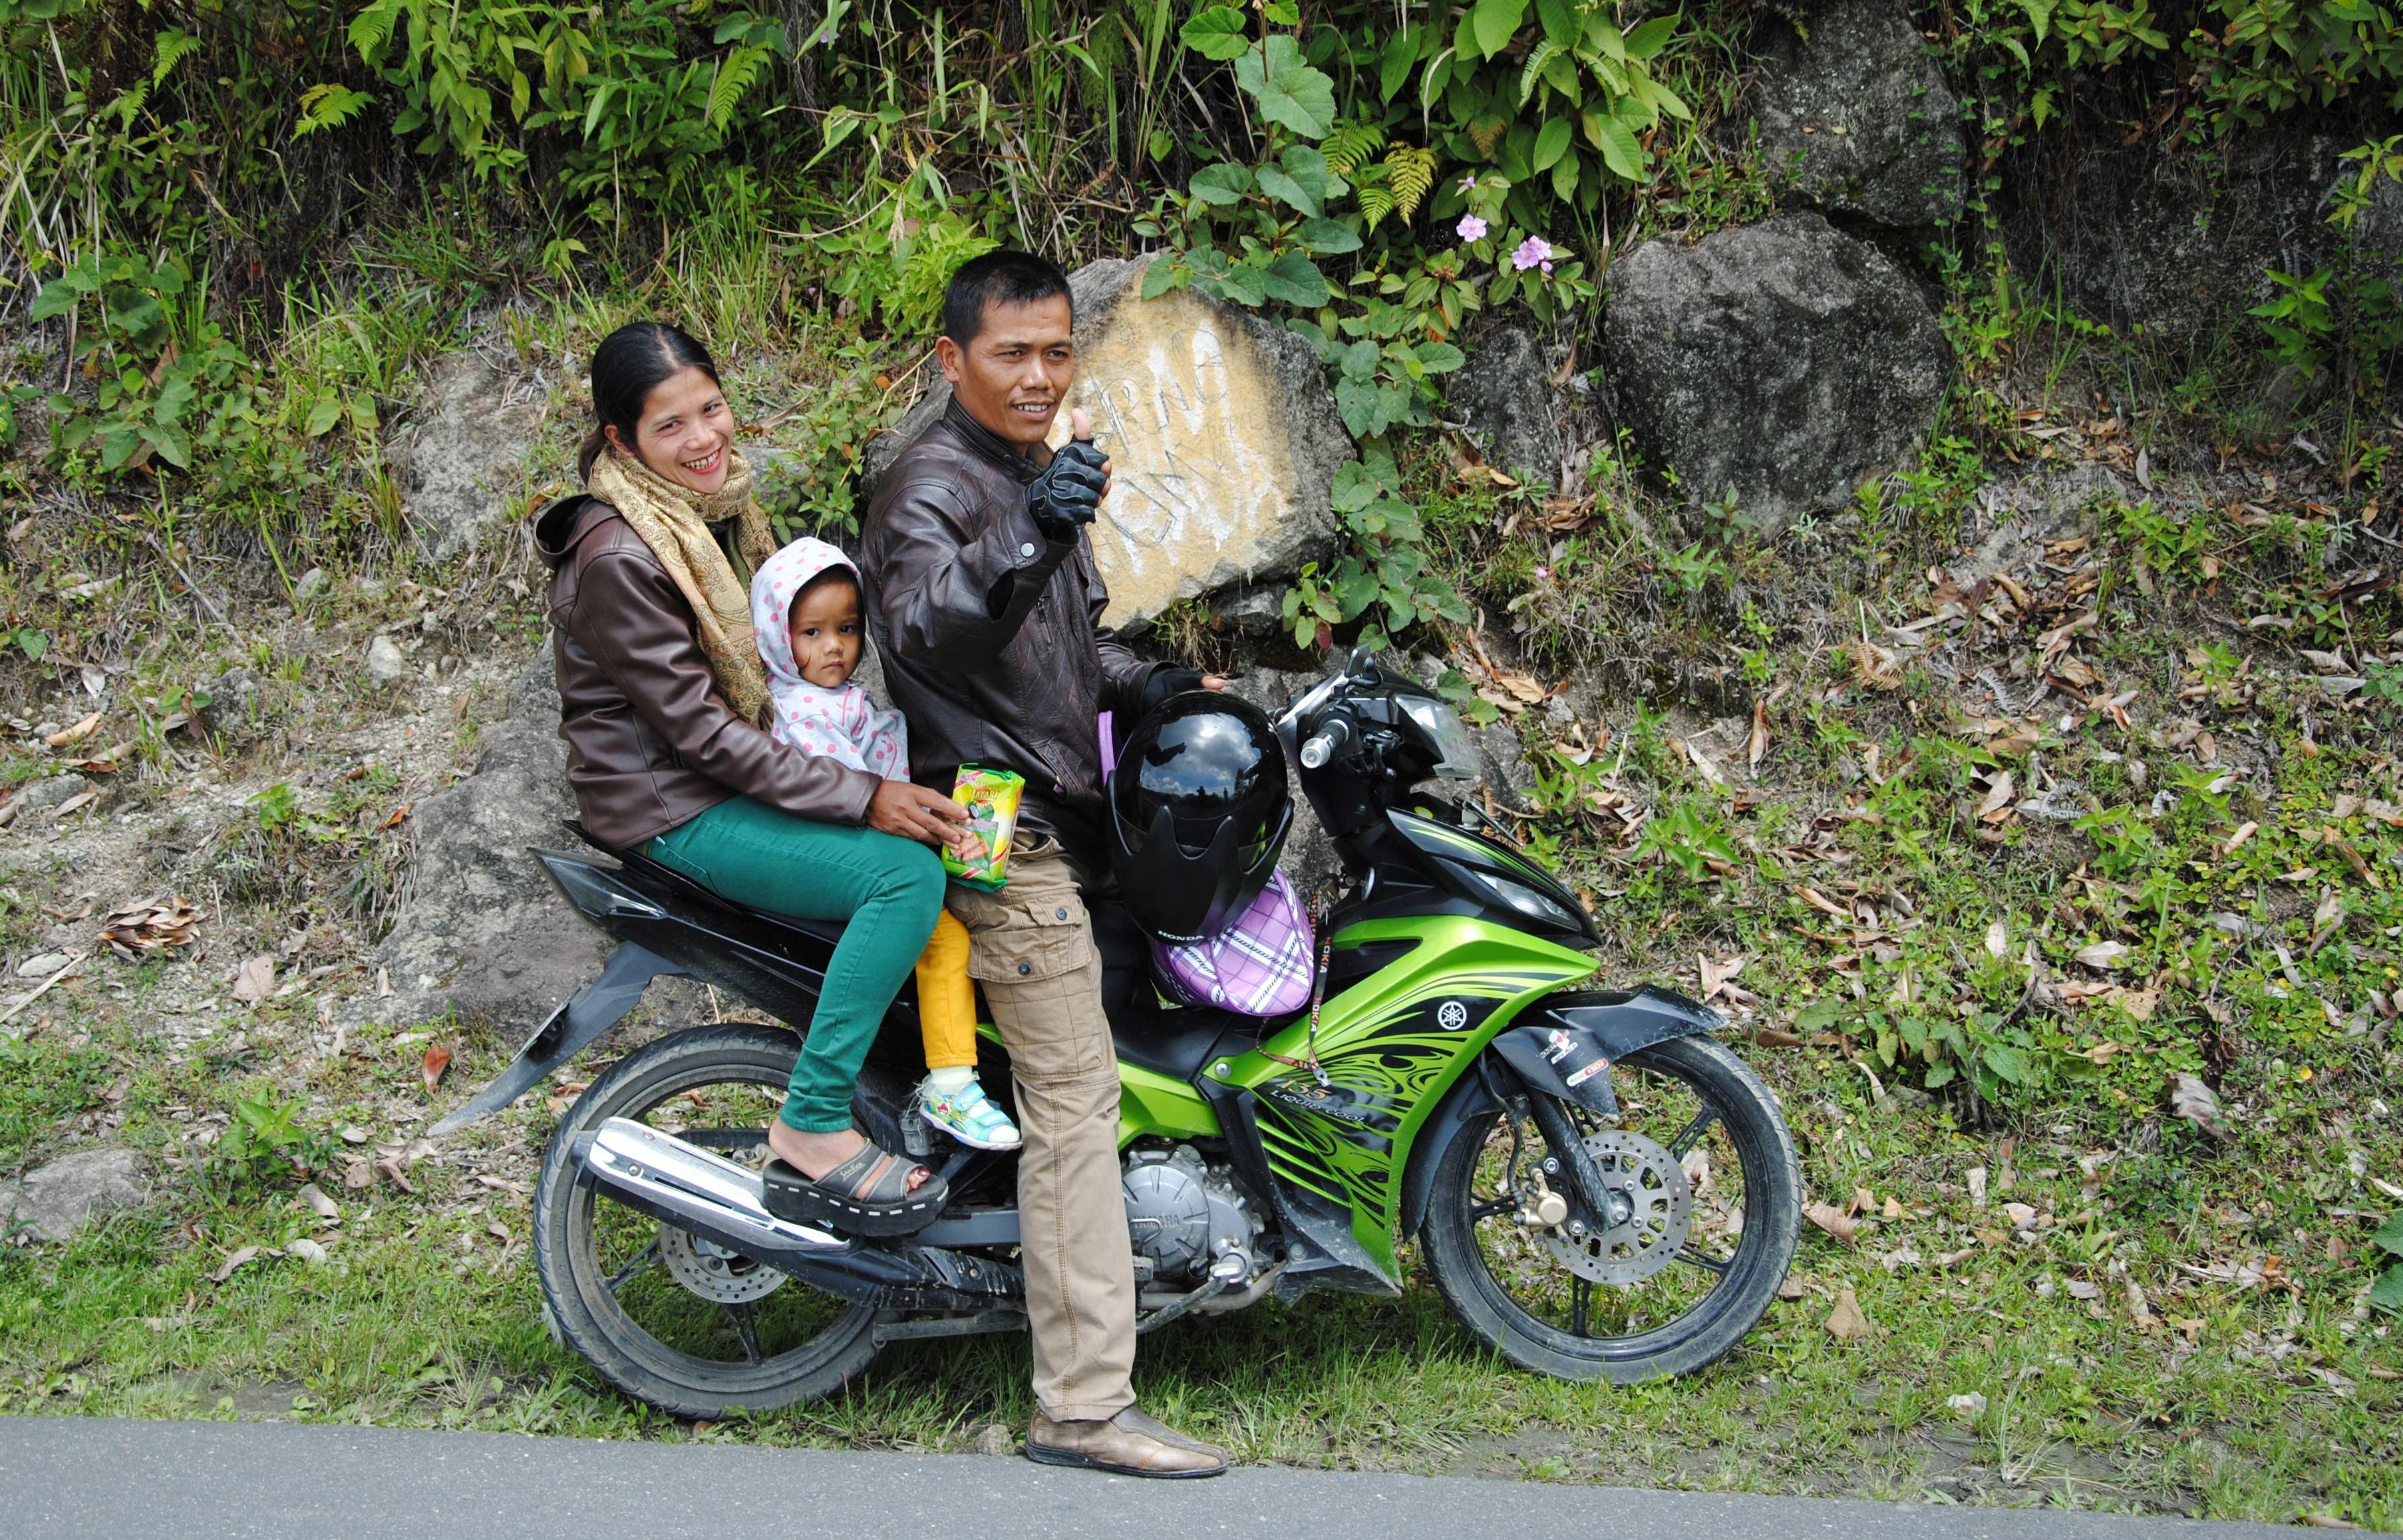 Eine Familie auf einem Motorrad